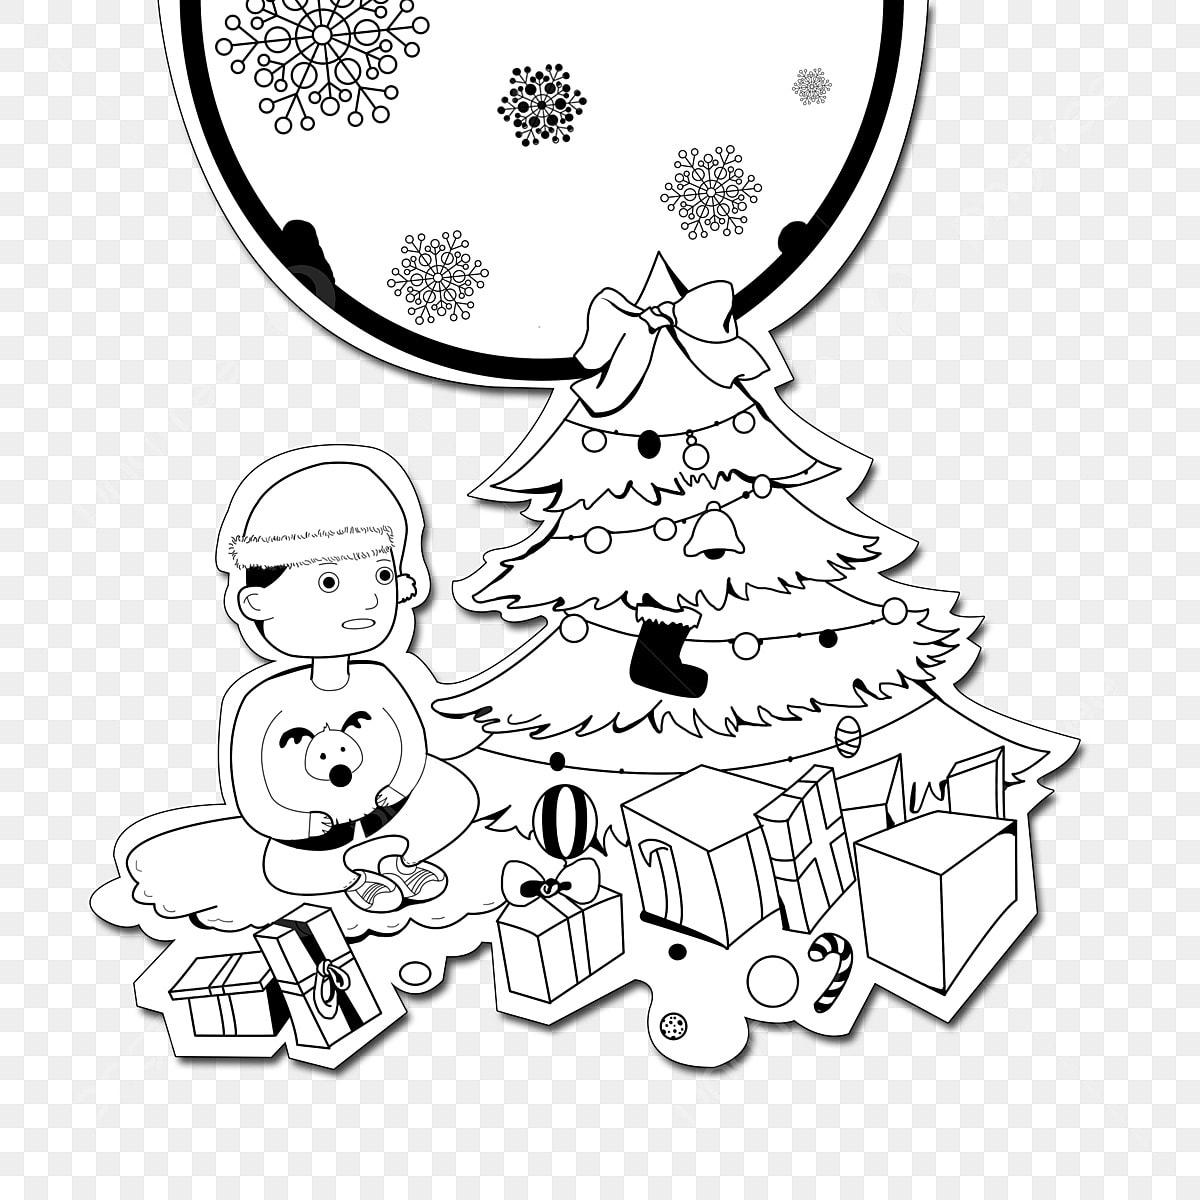 Gambar Tangan Bergambar Hitam Dan Putih Kad Adegan Natal Krismas Pokok Krismas Hadiah Festival Rumah Kartun Krismas Merry Krismas Ditarik Kartun Png Dan Psd Untuk Muat Turun Percuma